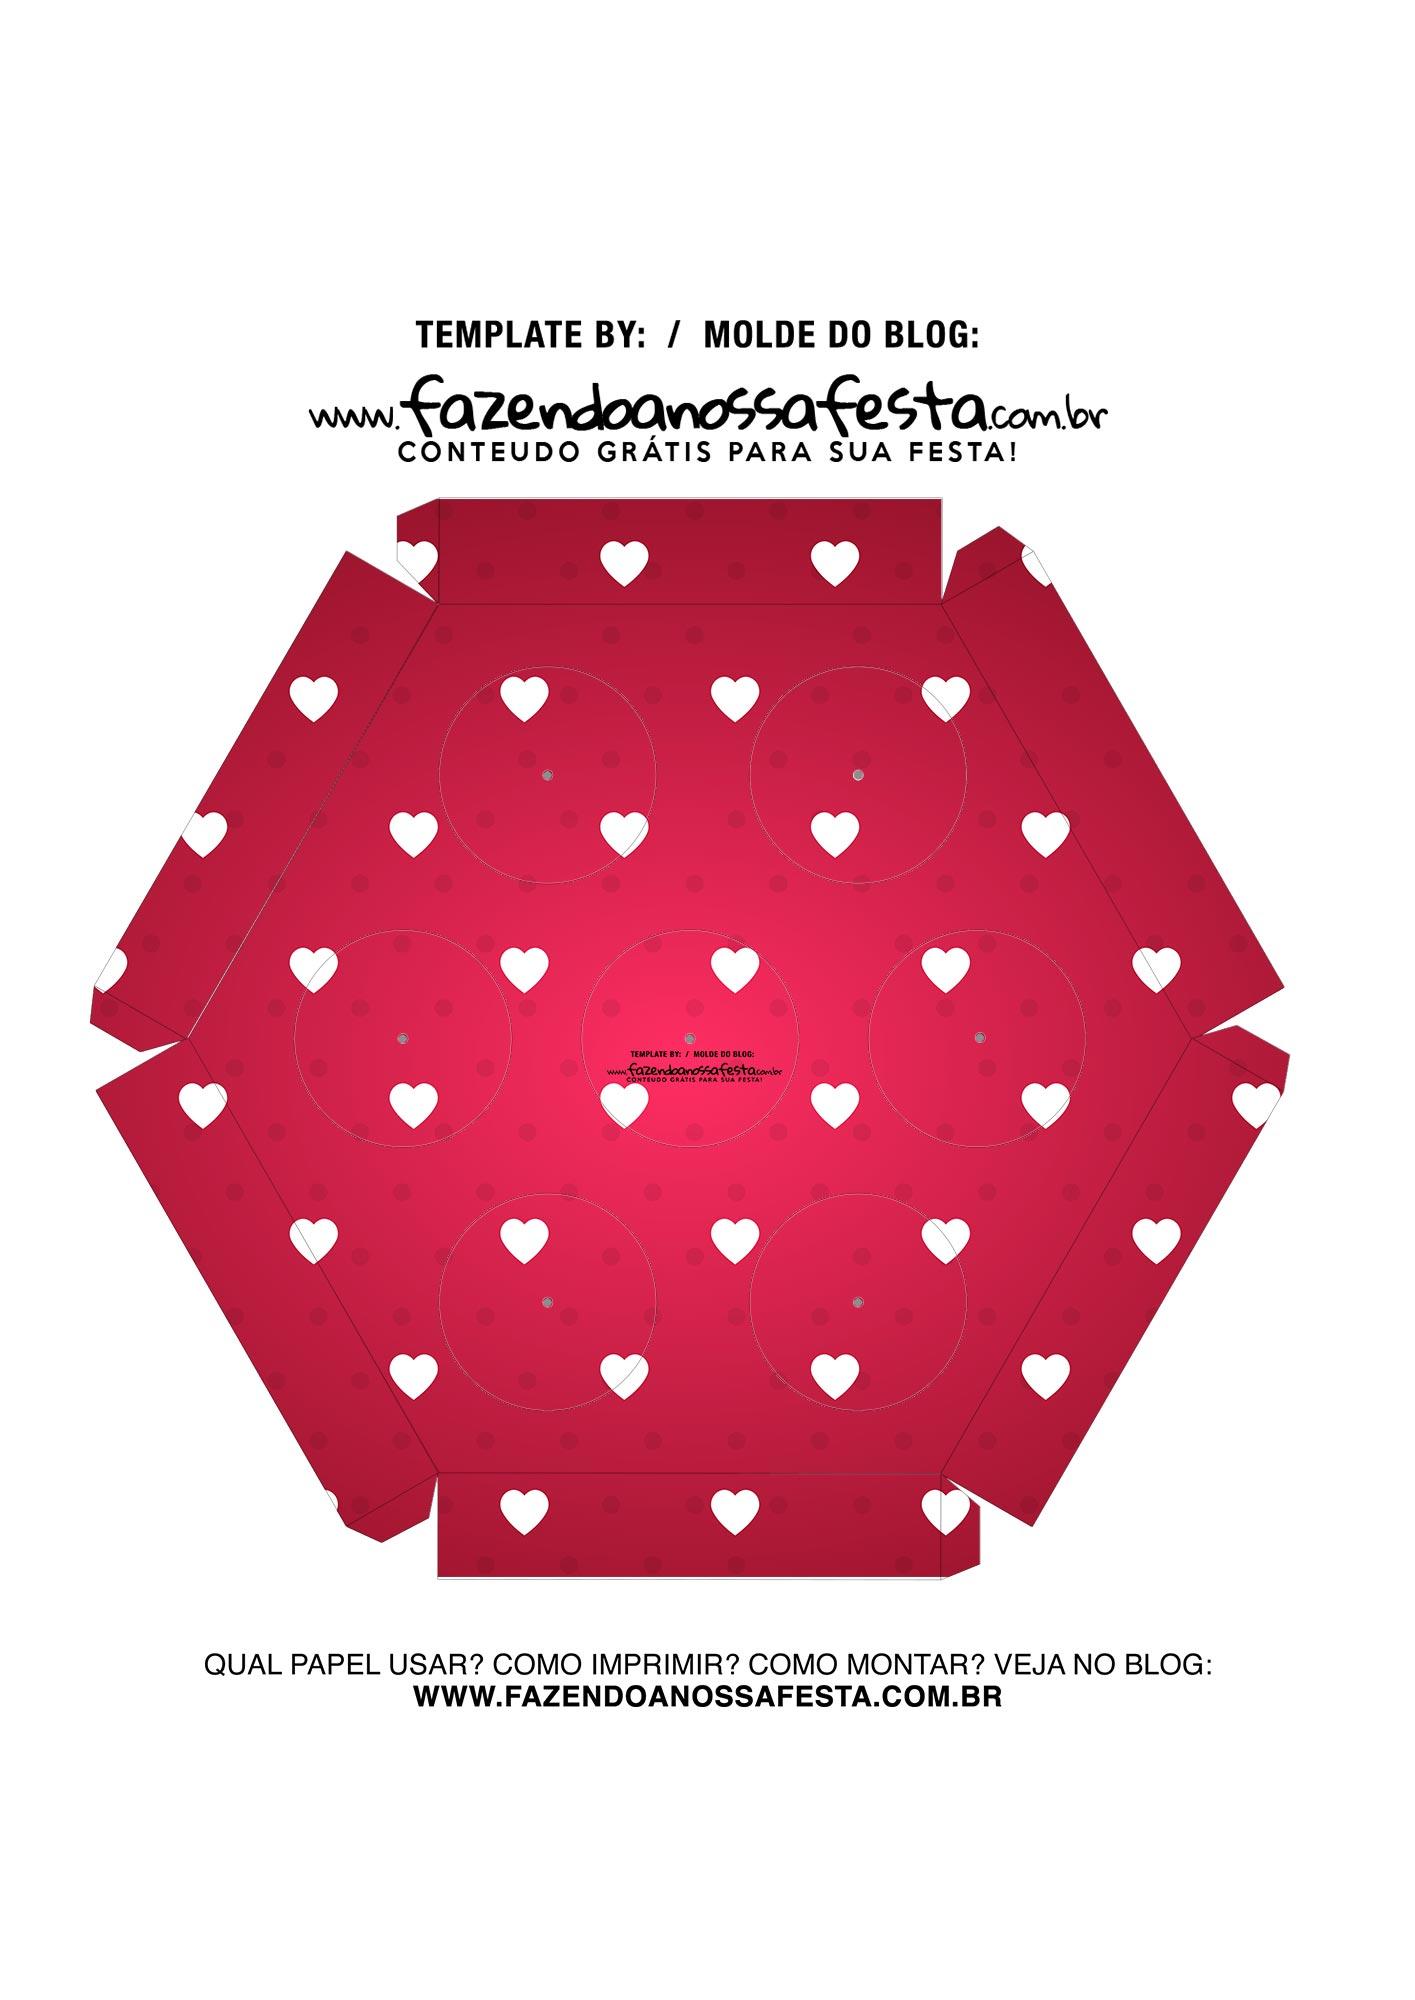 Caixa Explosiva Dia dos Namorados Vermelho Coracoes 6